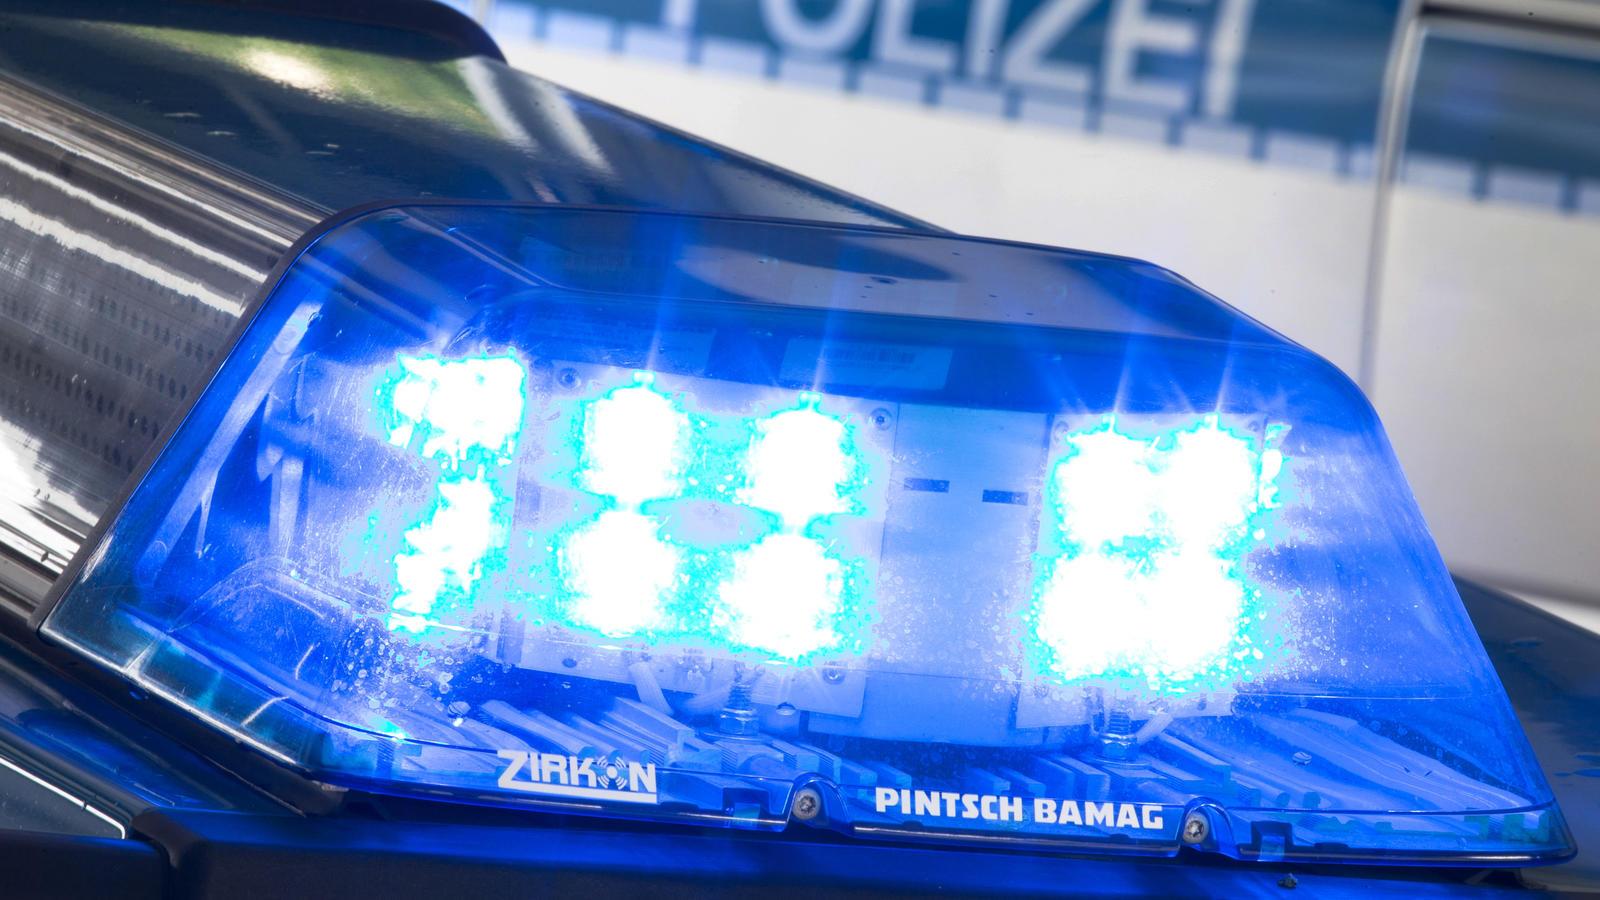 Mit Revolver & Sturmhaube | Schiesserei in Neu-Ulm: Opfer in Lebensgefahr